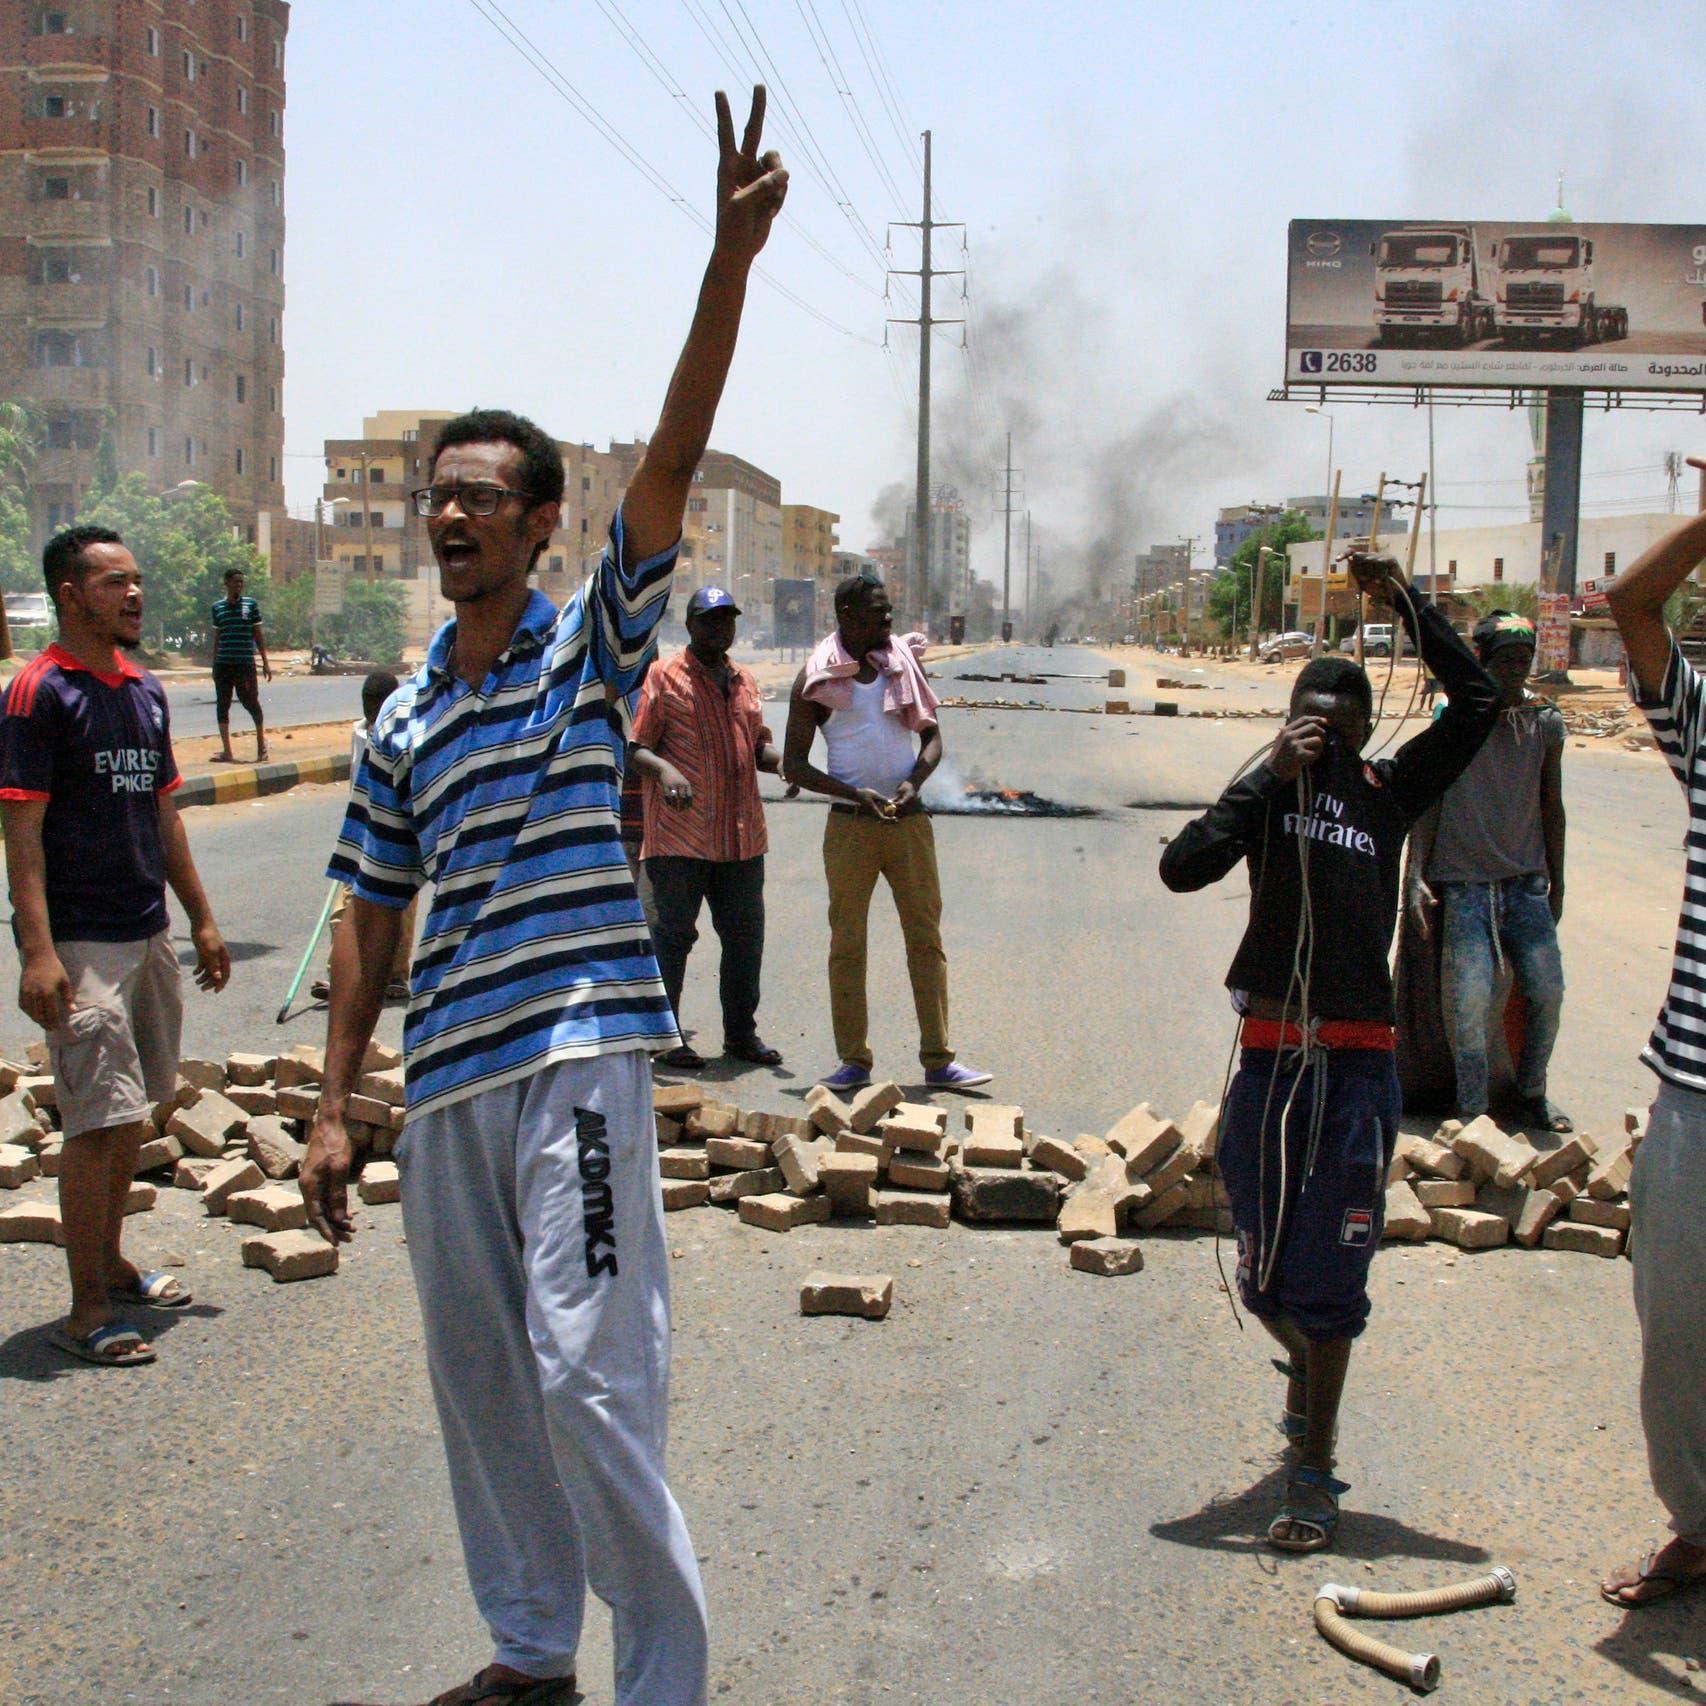 الانتقالي السوداني: سنحاكم كل من تورط بأحداث الاعتصام